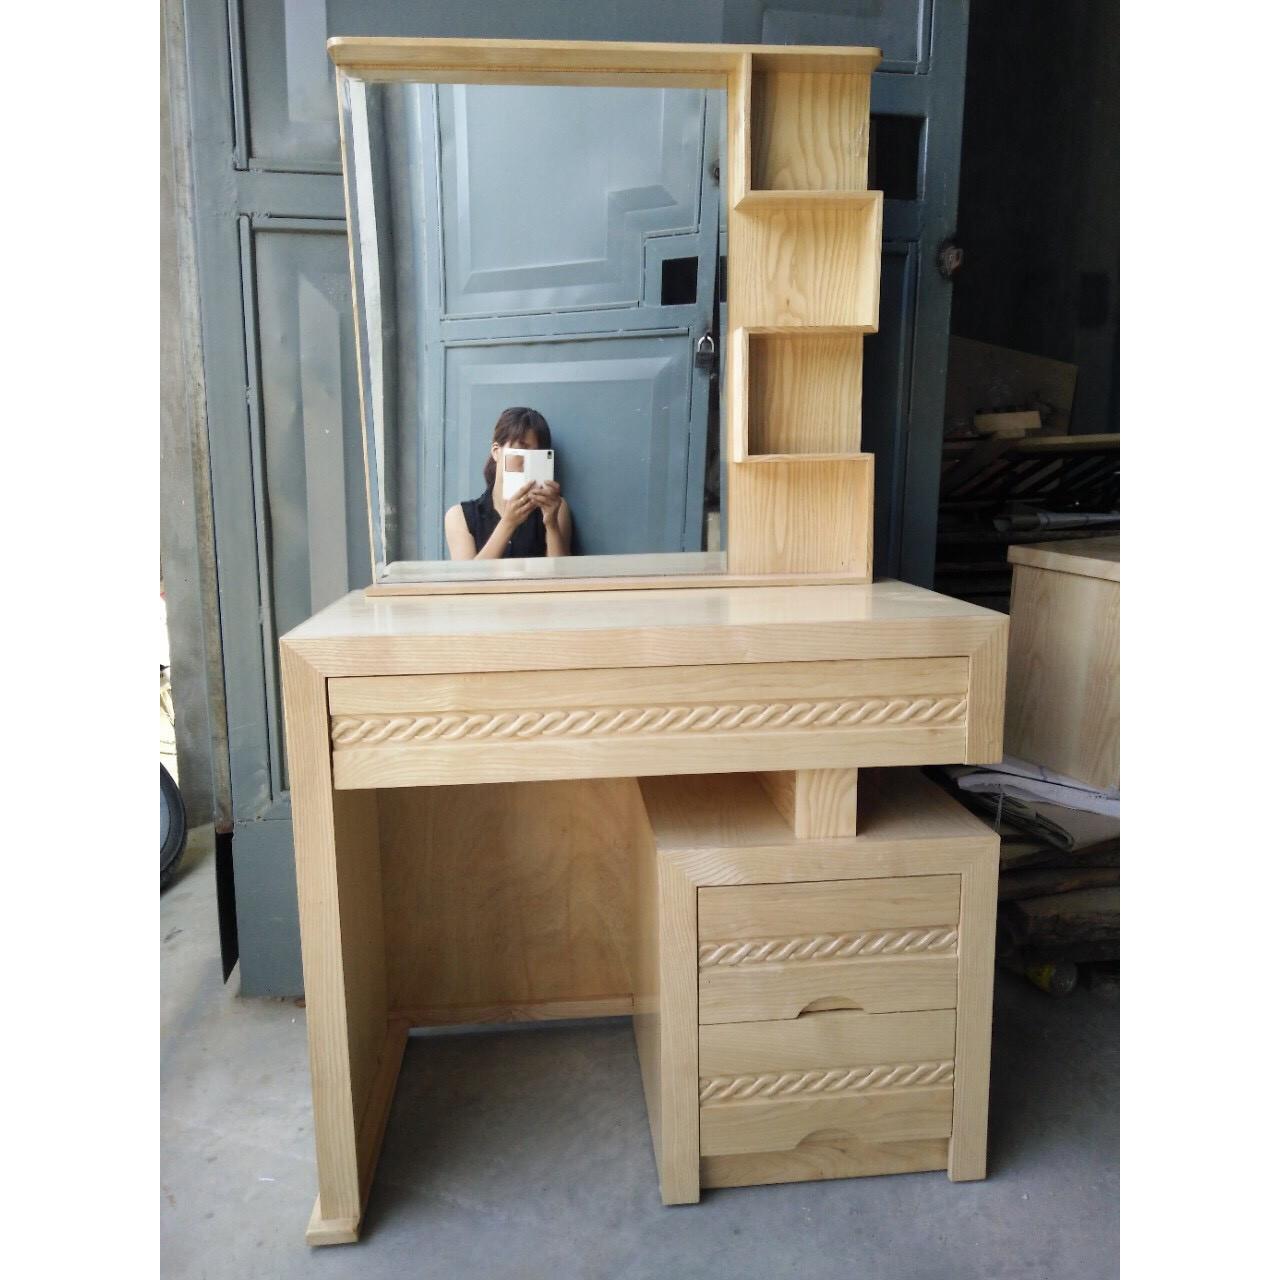 Bàn trang điểm gỗ sồi kích thước: 80 x40 x 1m50